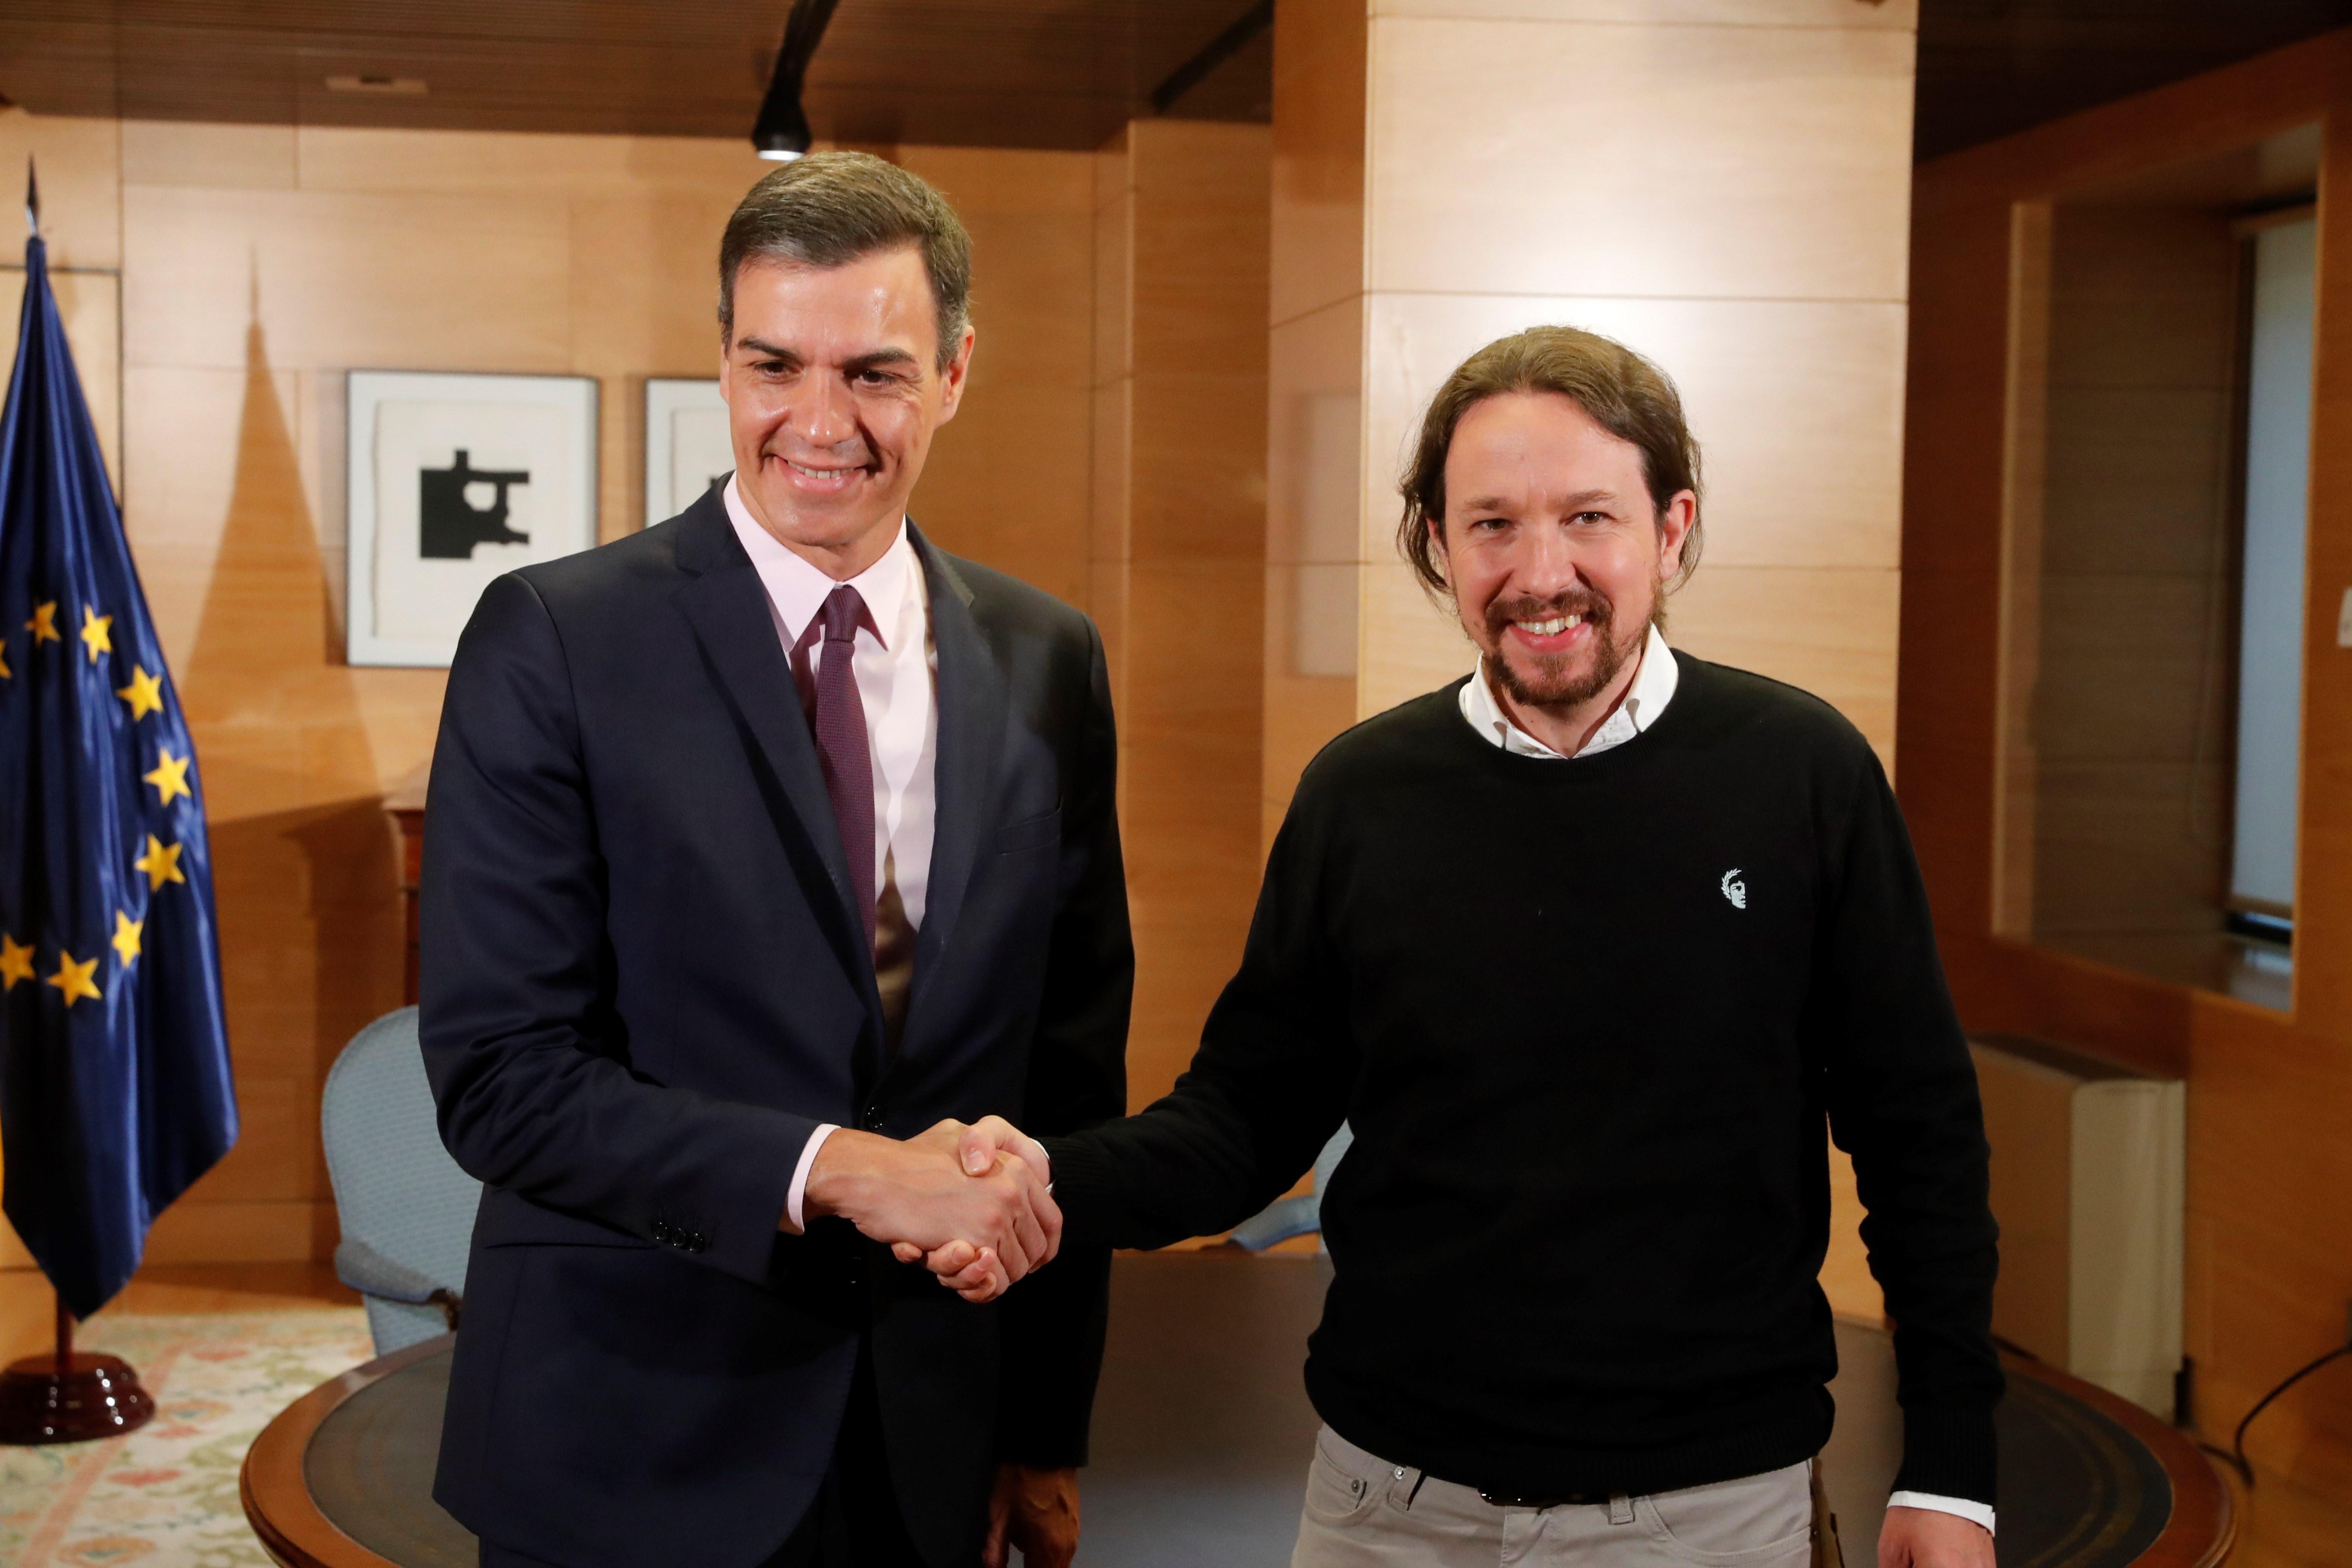 Pedro Sánchez Pablo Iglesias reunió 11 de juny del 2019 EFE